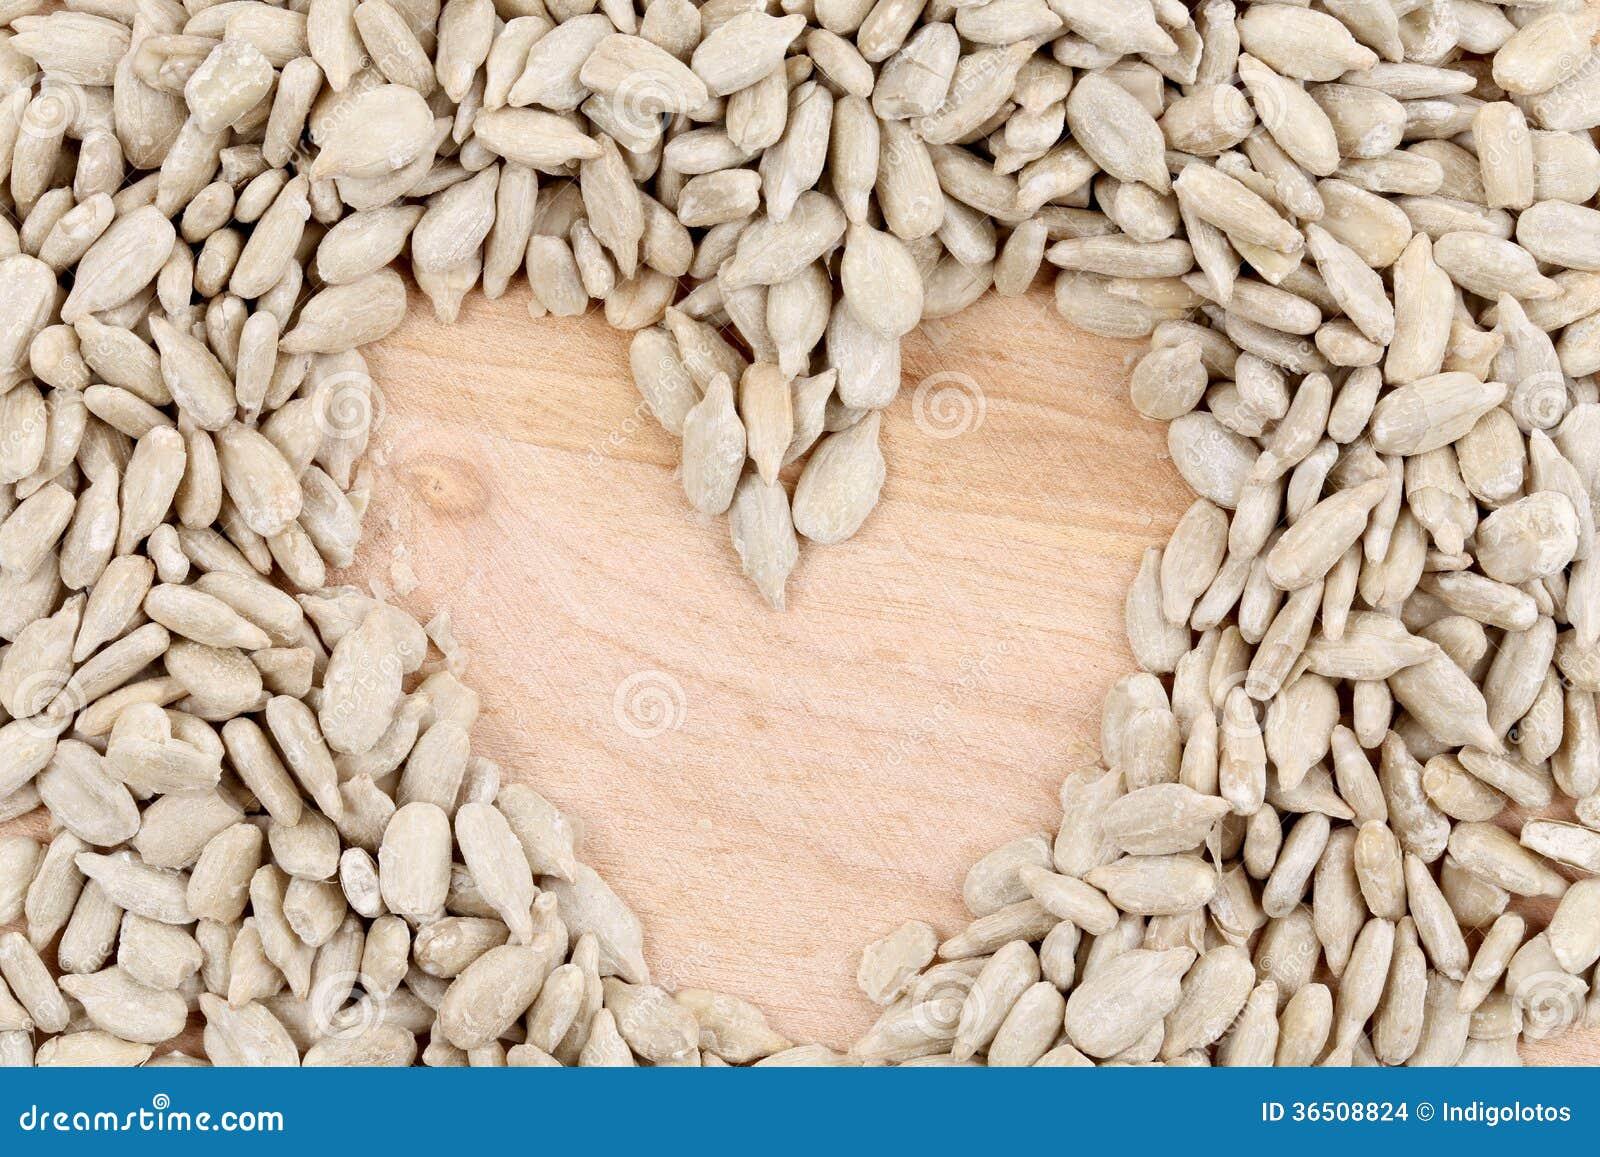 Coeur fait de graines sur la table.